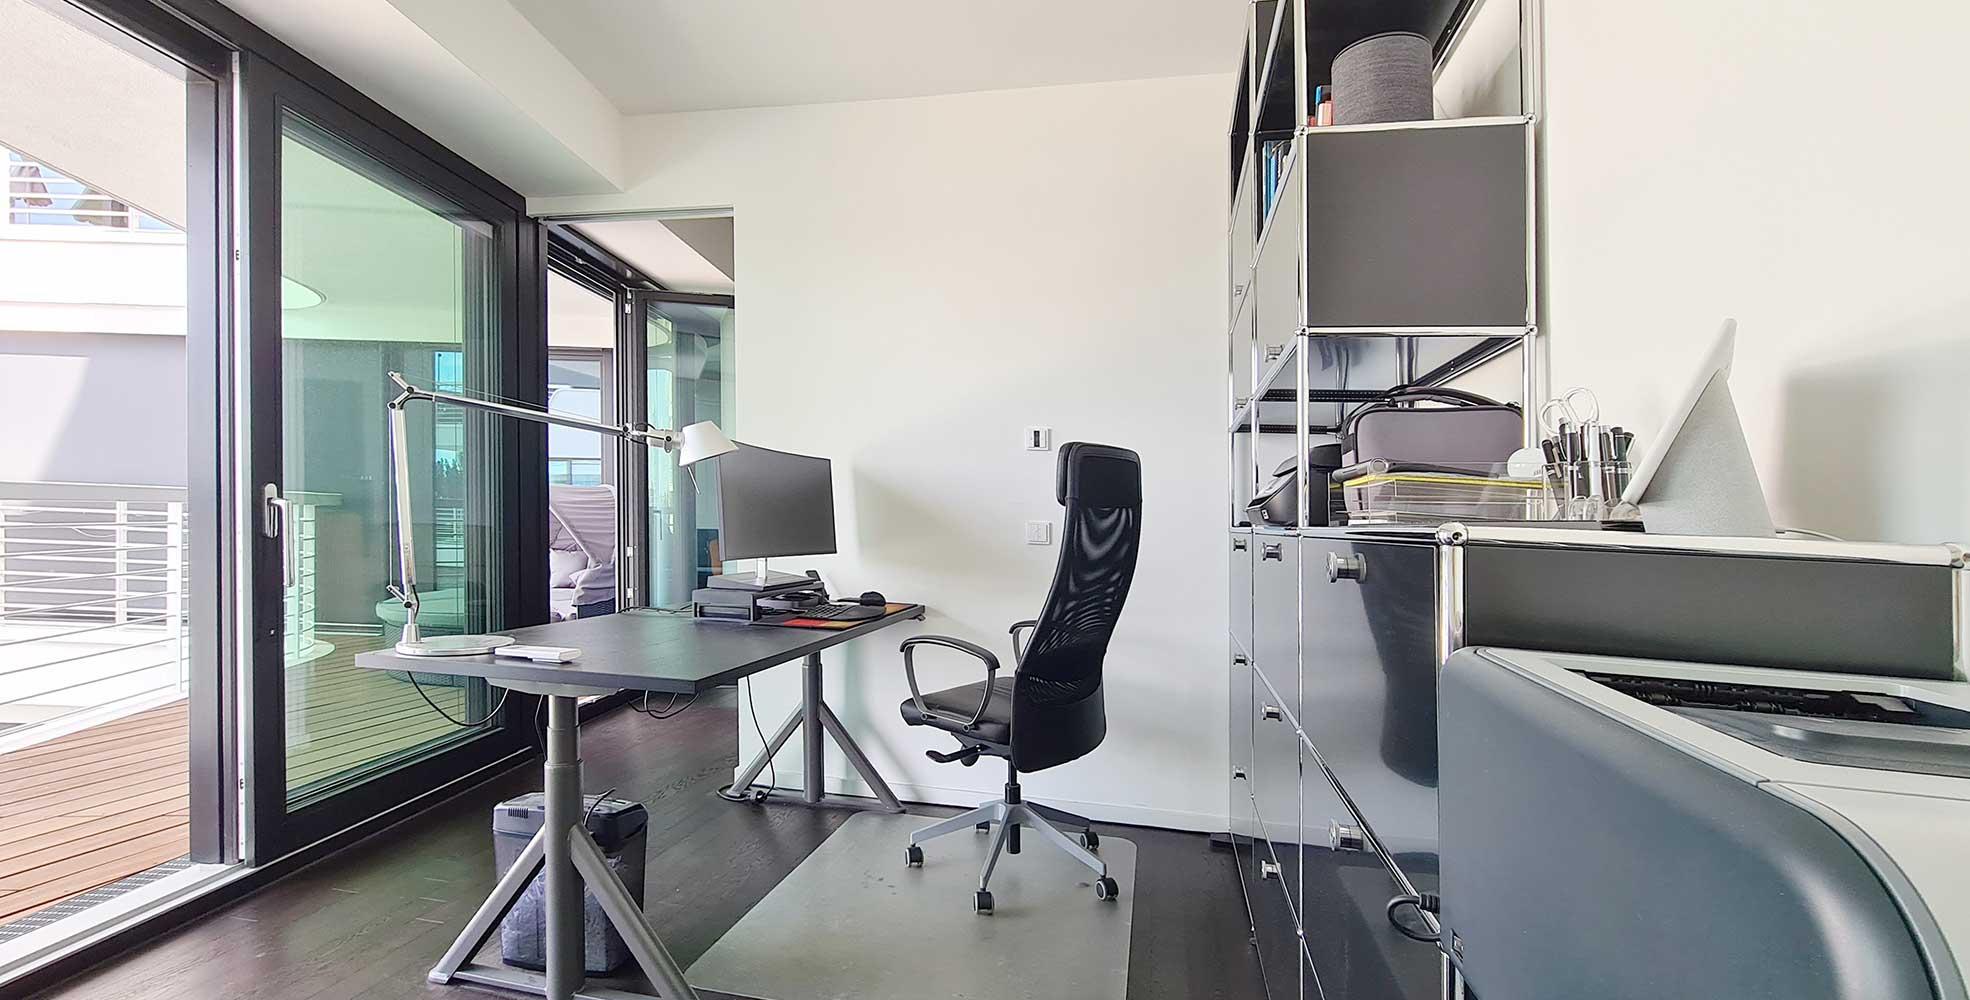 MAKELBAR-ETW-Friedrichshain - Büro